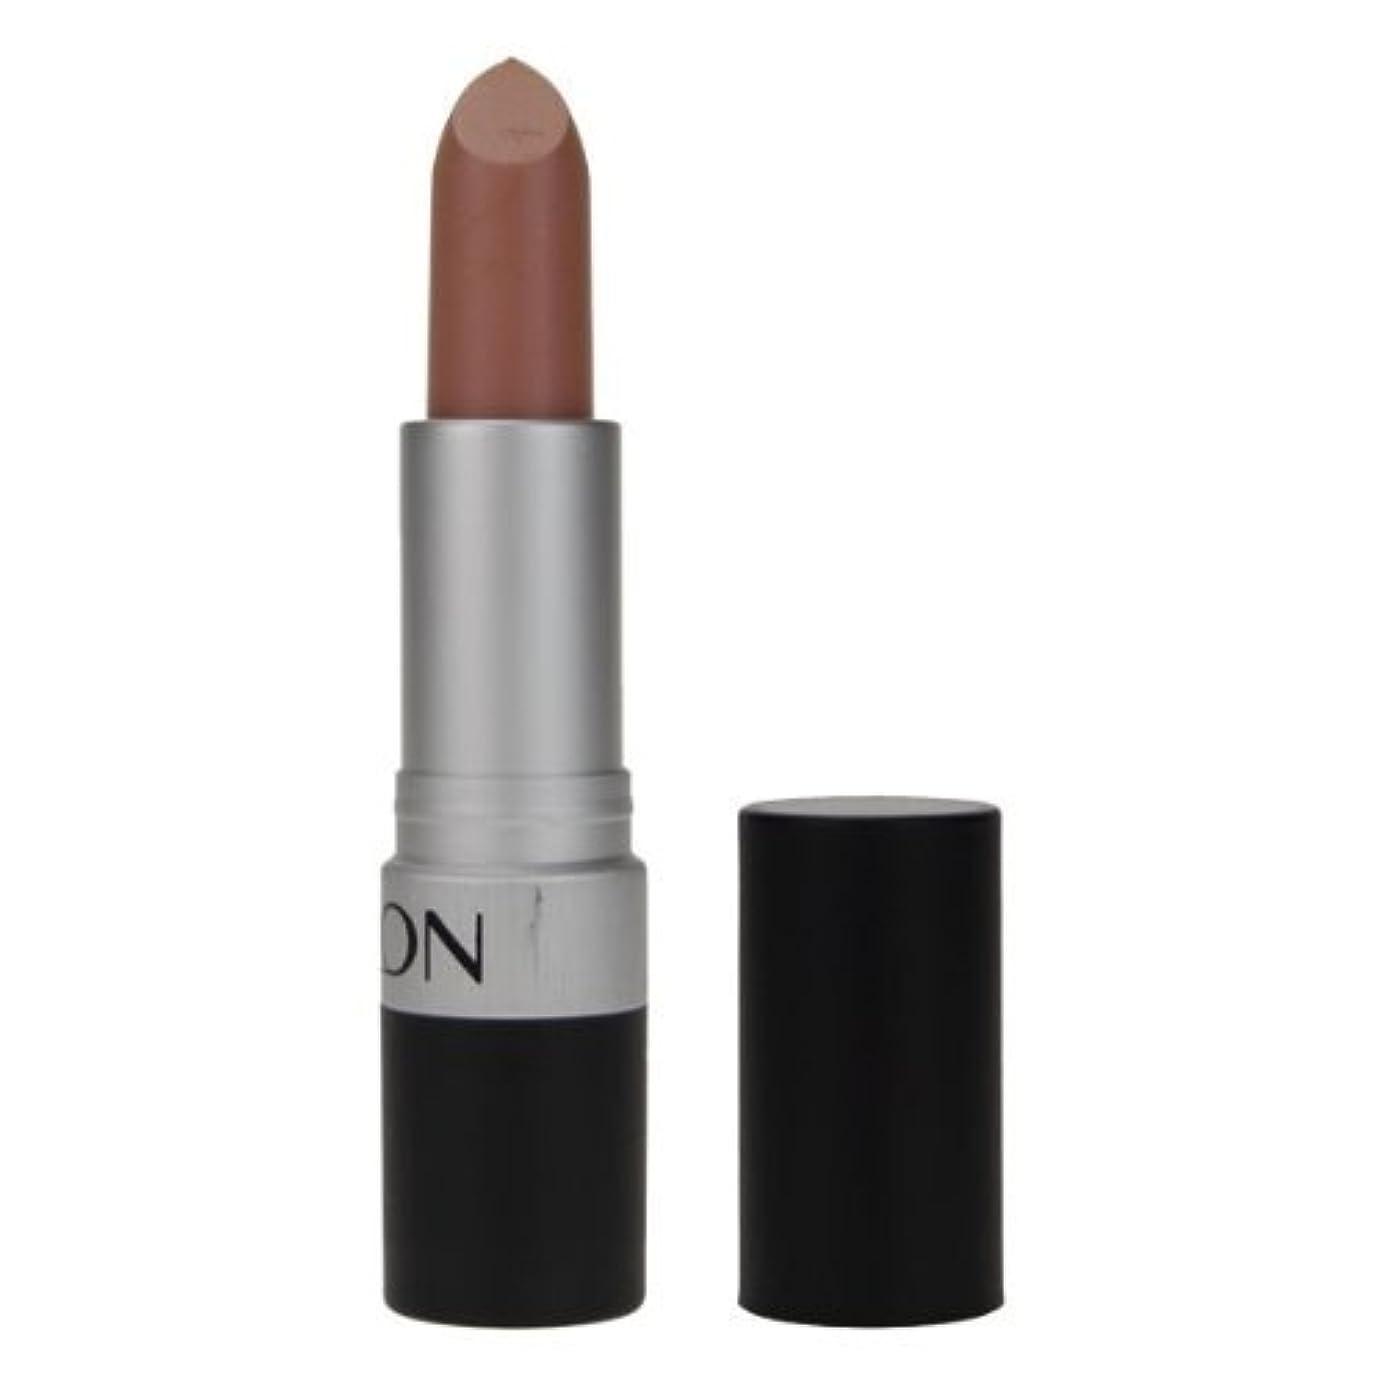 占める腹部異常REVLON Super Lustrous Lipstick Matte - Nude Attitude 001 (並行輸入品)